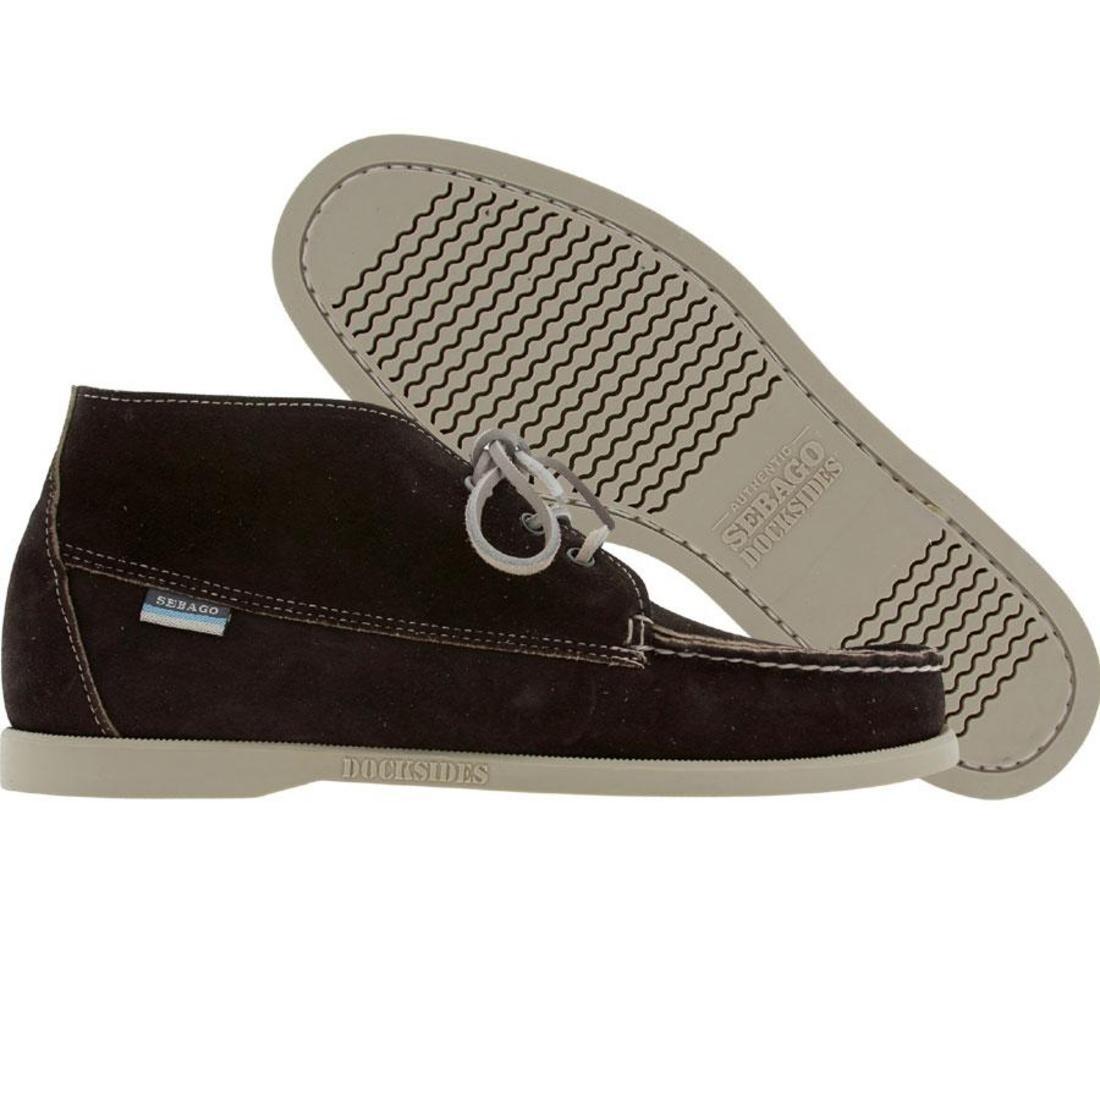 【海外限定】メンズ靴 スニーカー 【 SEBAGO WATERBURY BLACK BEIGE SUEDE 】